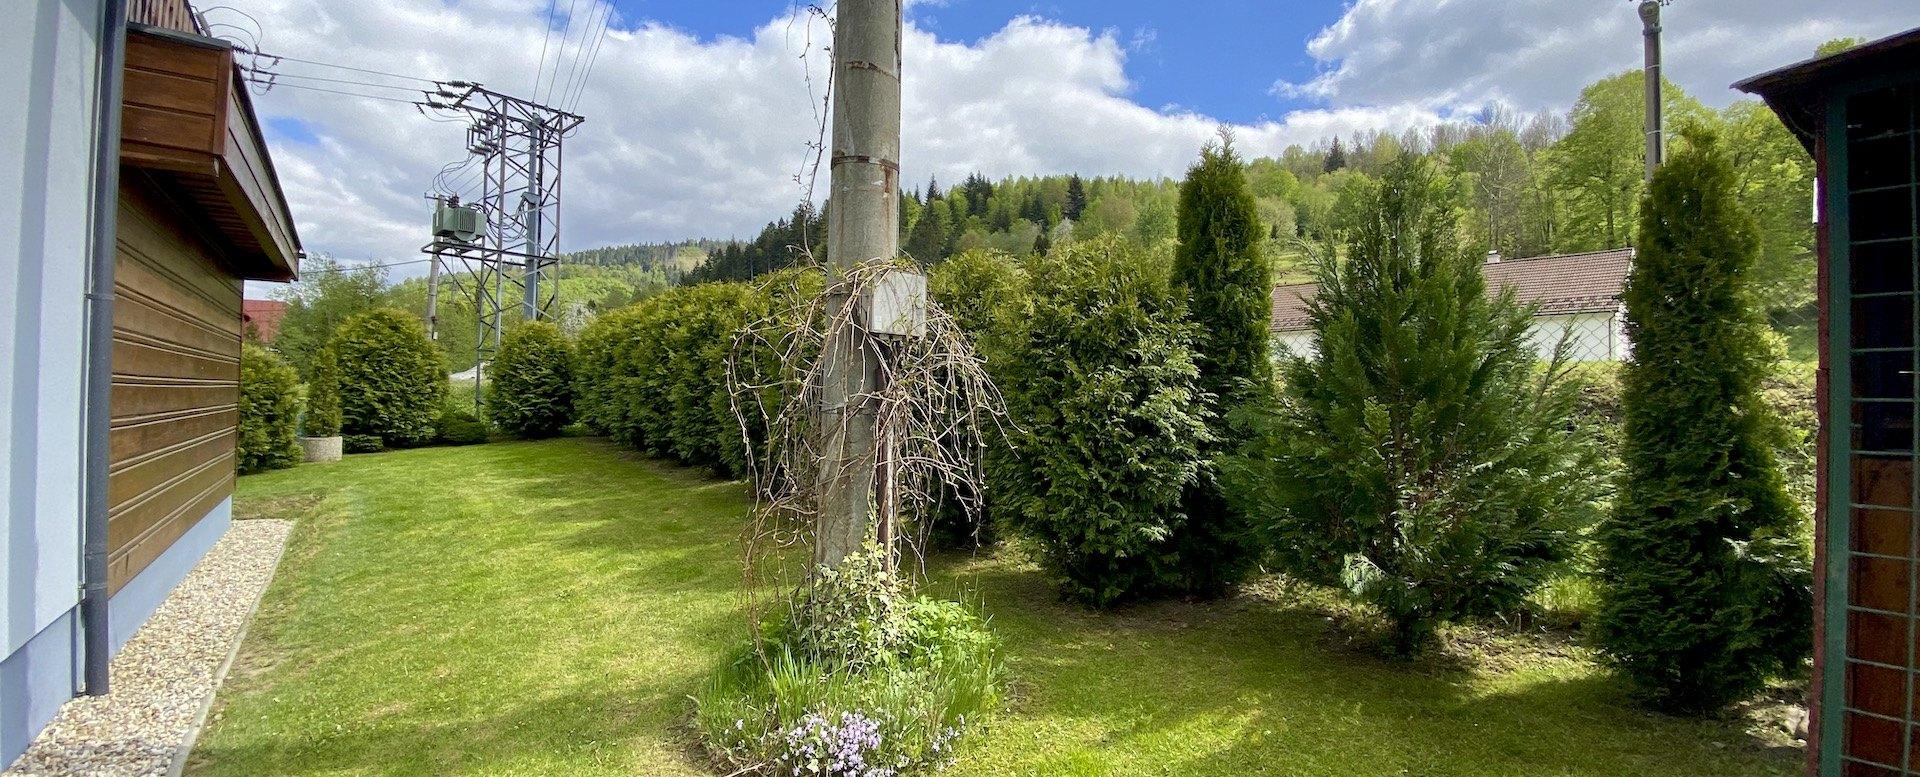 pohľad na stromy v záhrade